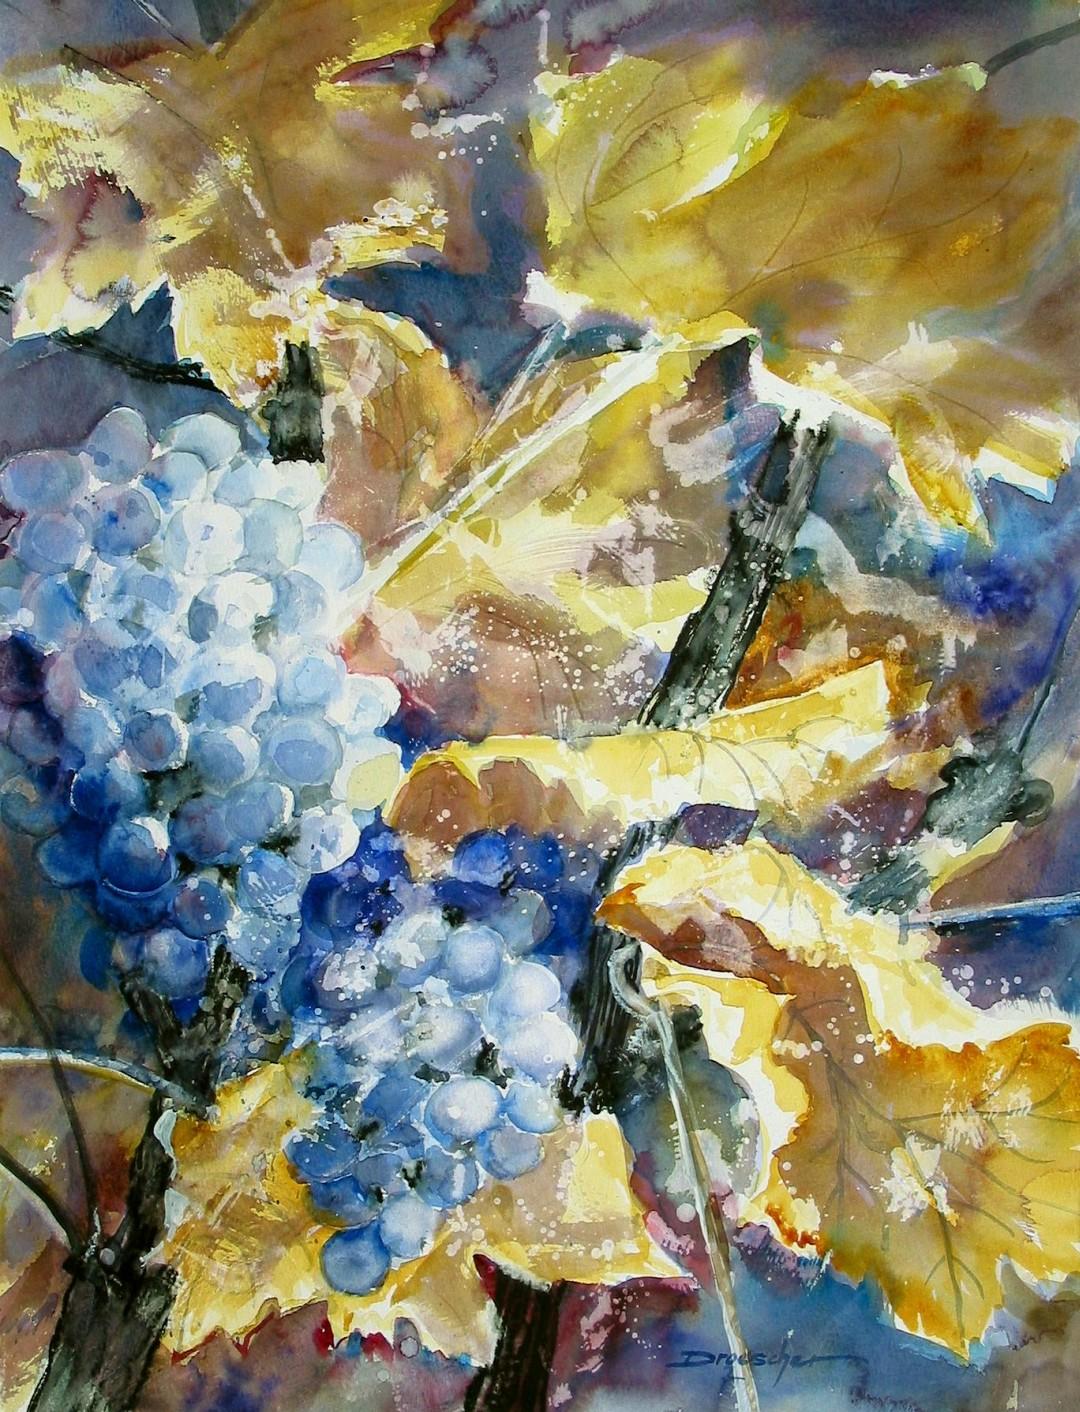 00 Weintraube blau 2007 65x50.jpg